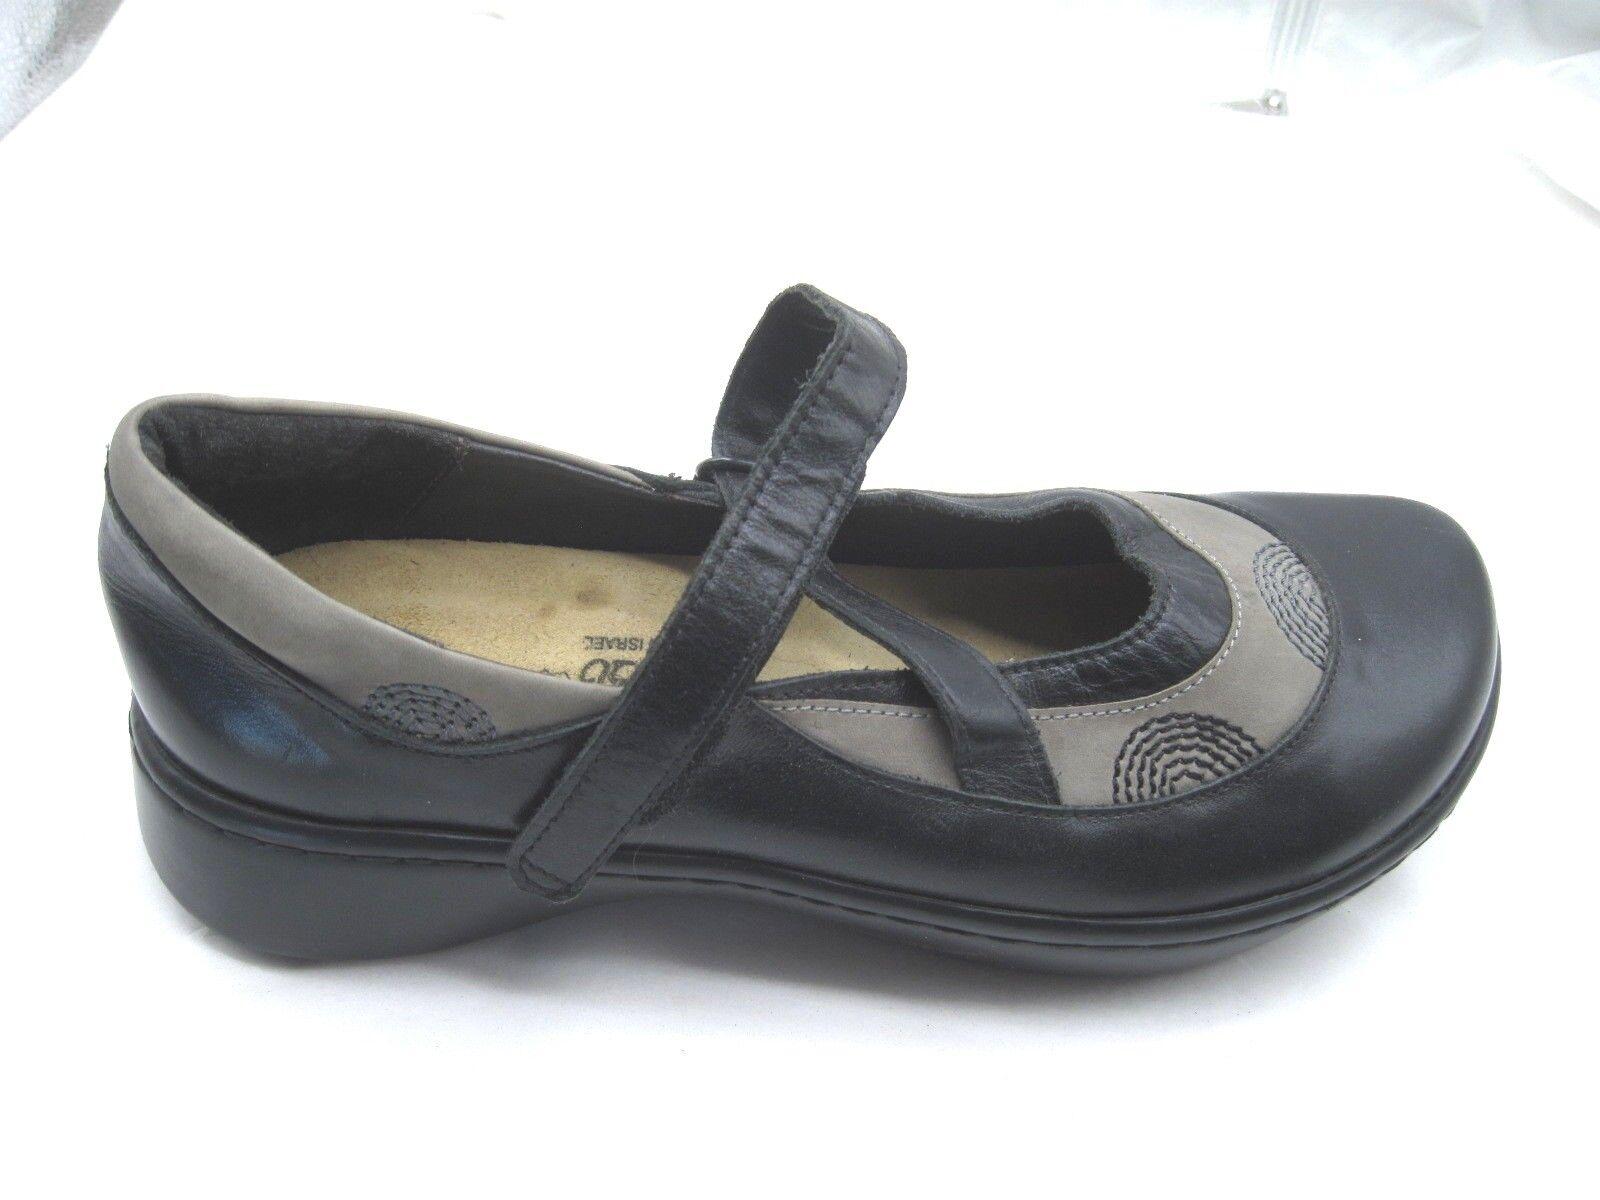 Naot Talla 38 7M Negro Cuero sin Mary Janes para mujeres Damas Mocasines zapatos sin Cuero taco c044d0